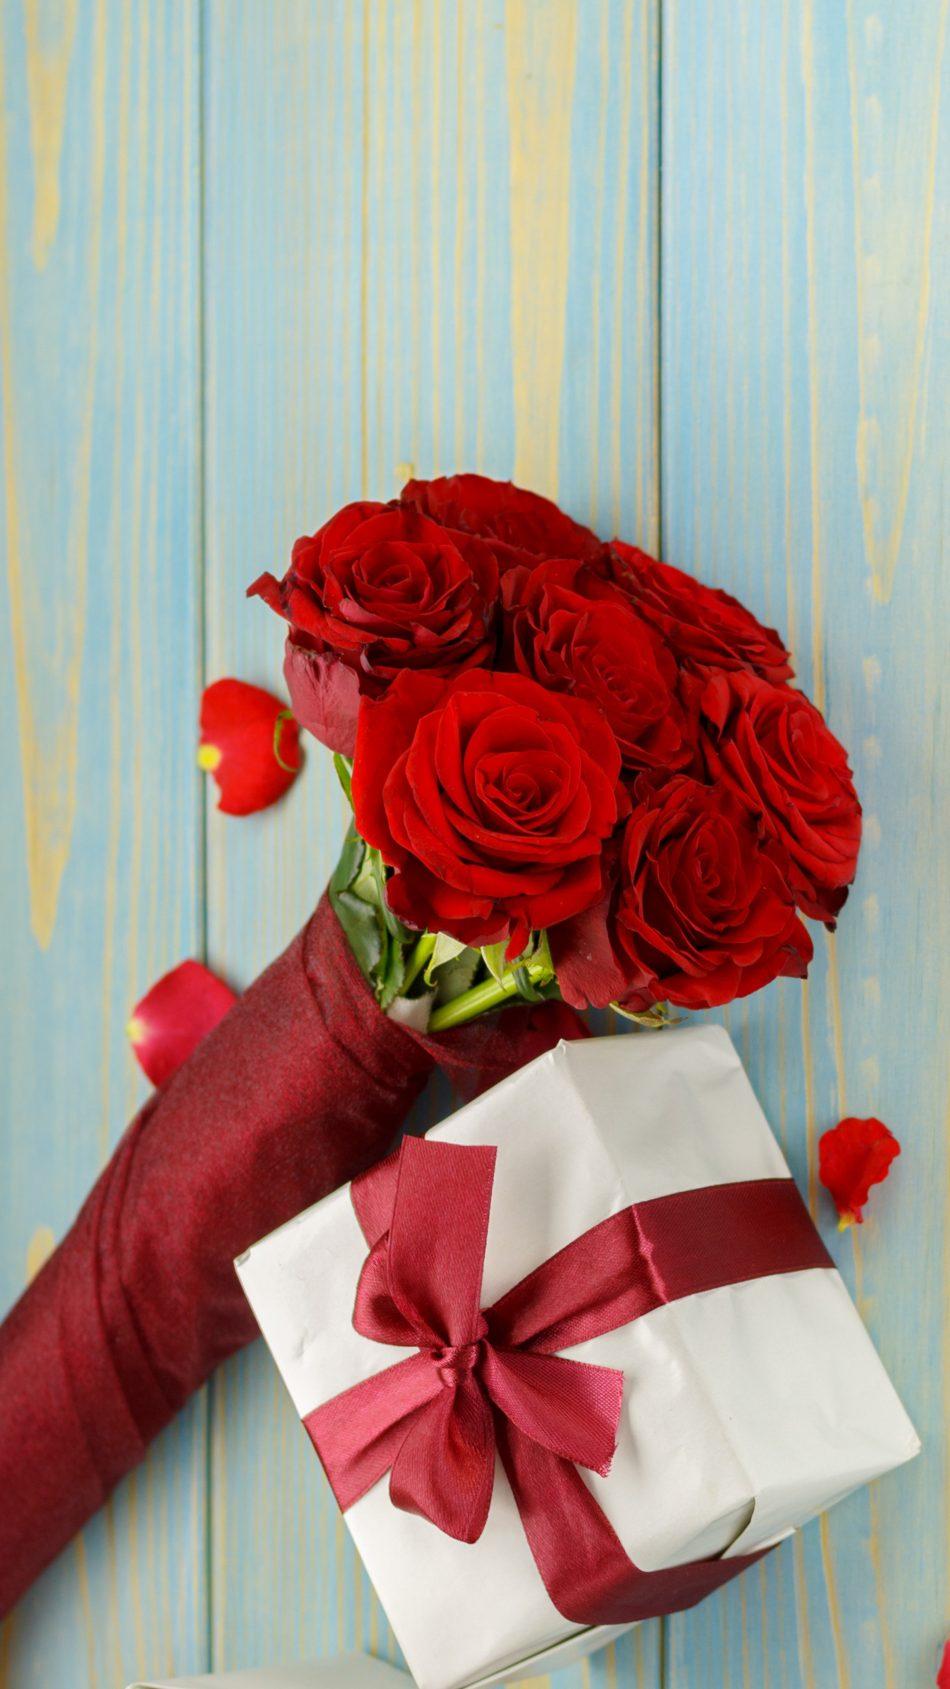 Valentine's Day Gift & Flower 4K Ultra HD Mobile Wallpaper